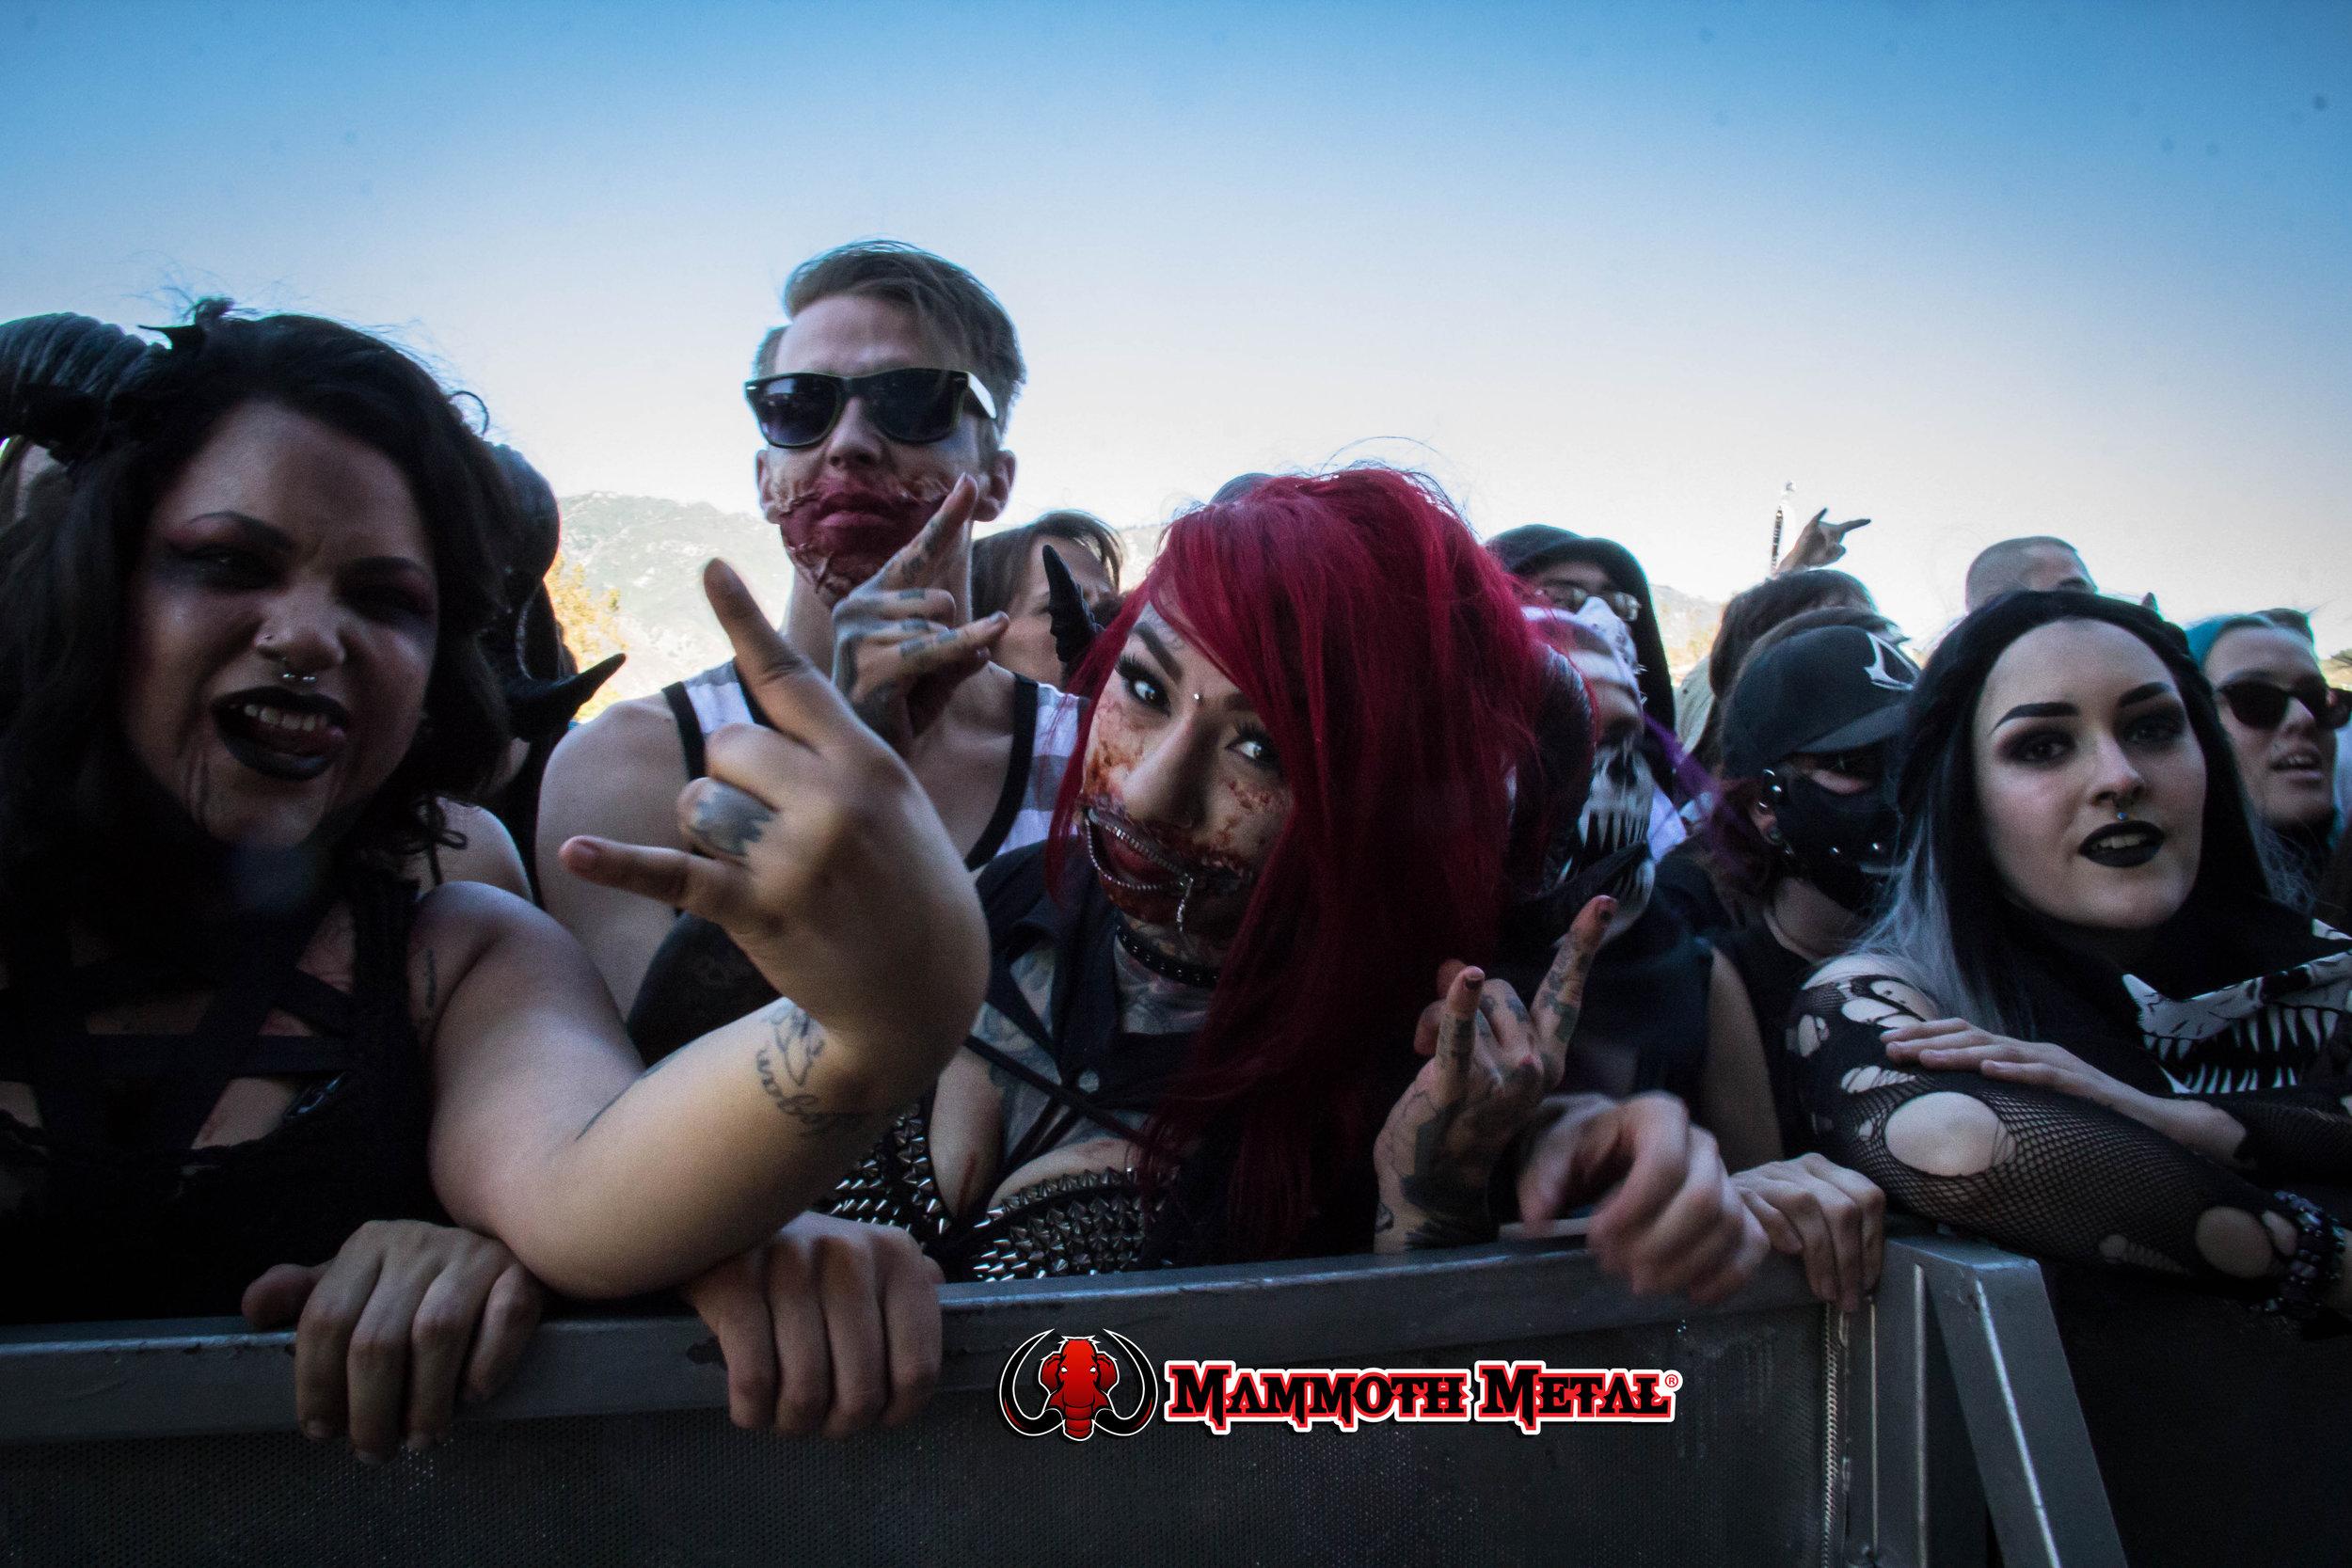 Metal rules  photo: David Burke